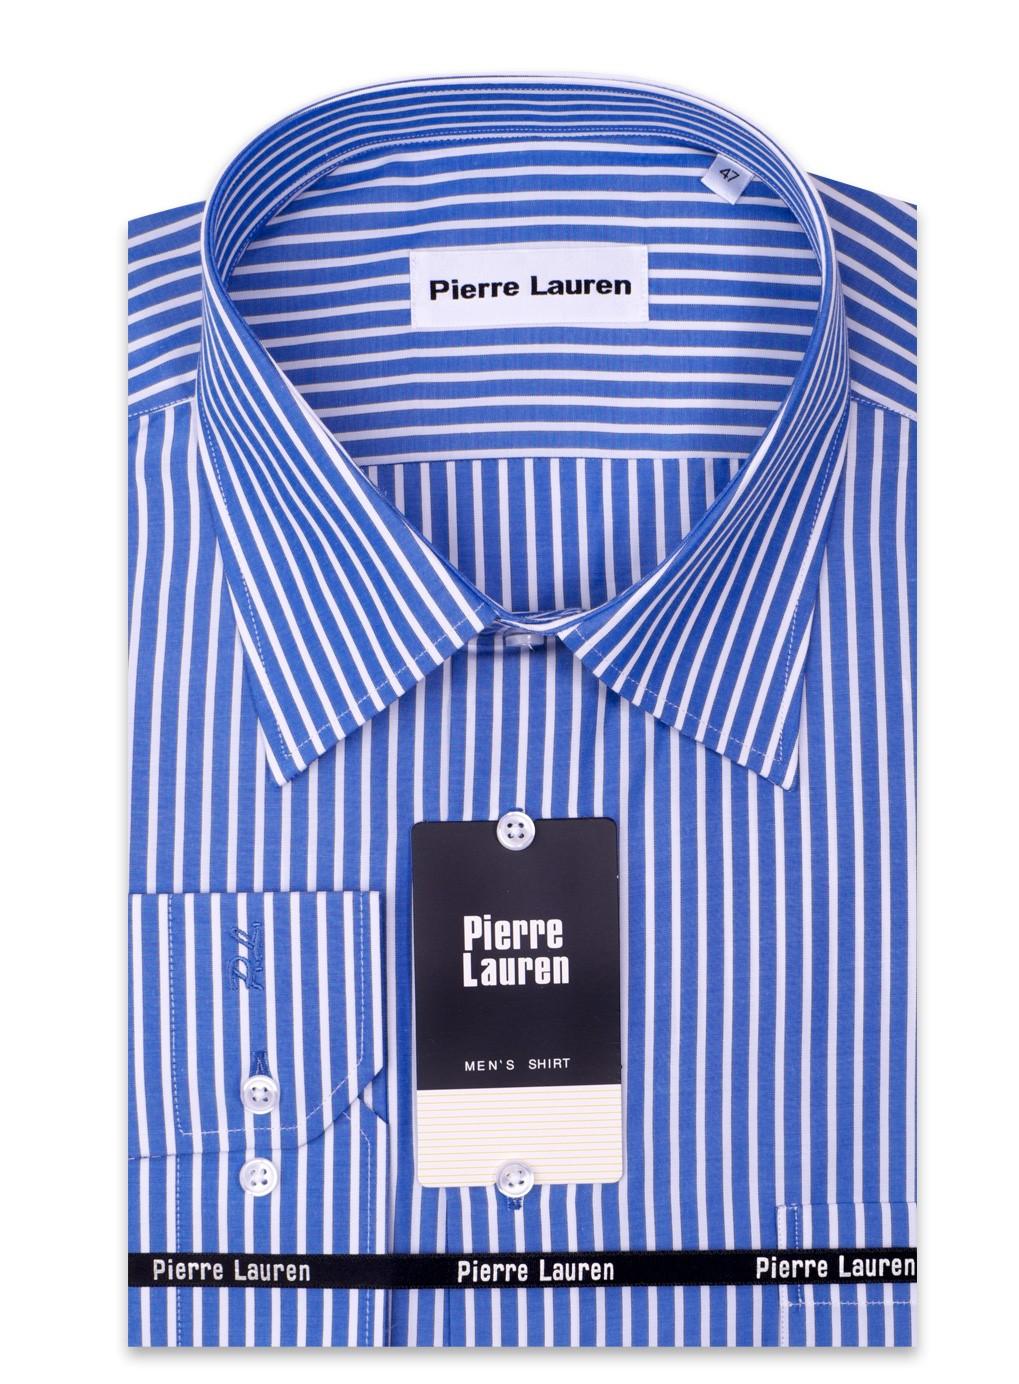 Рубашка PIERRE LAUREN (CLASSIC) арт.-1555Трц